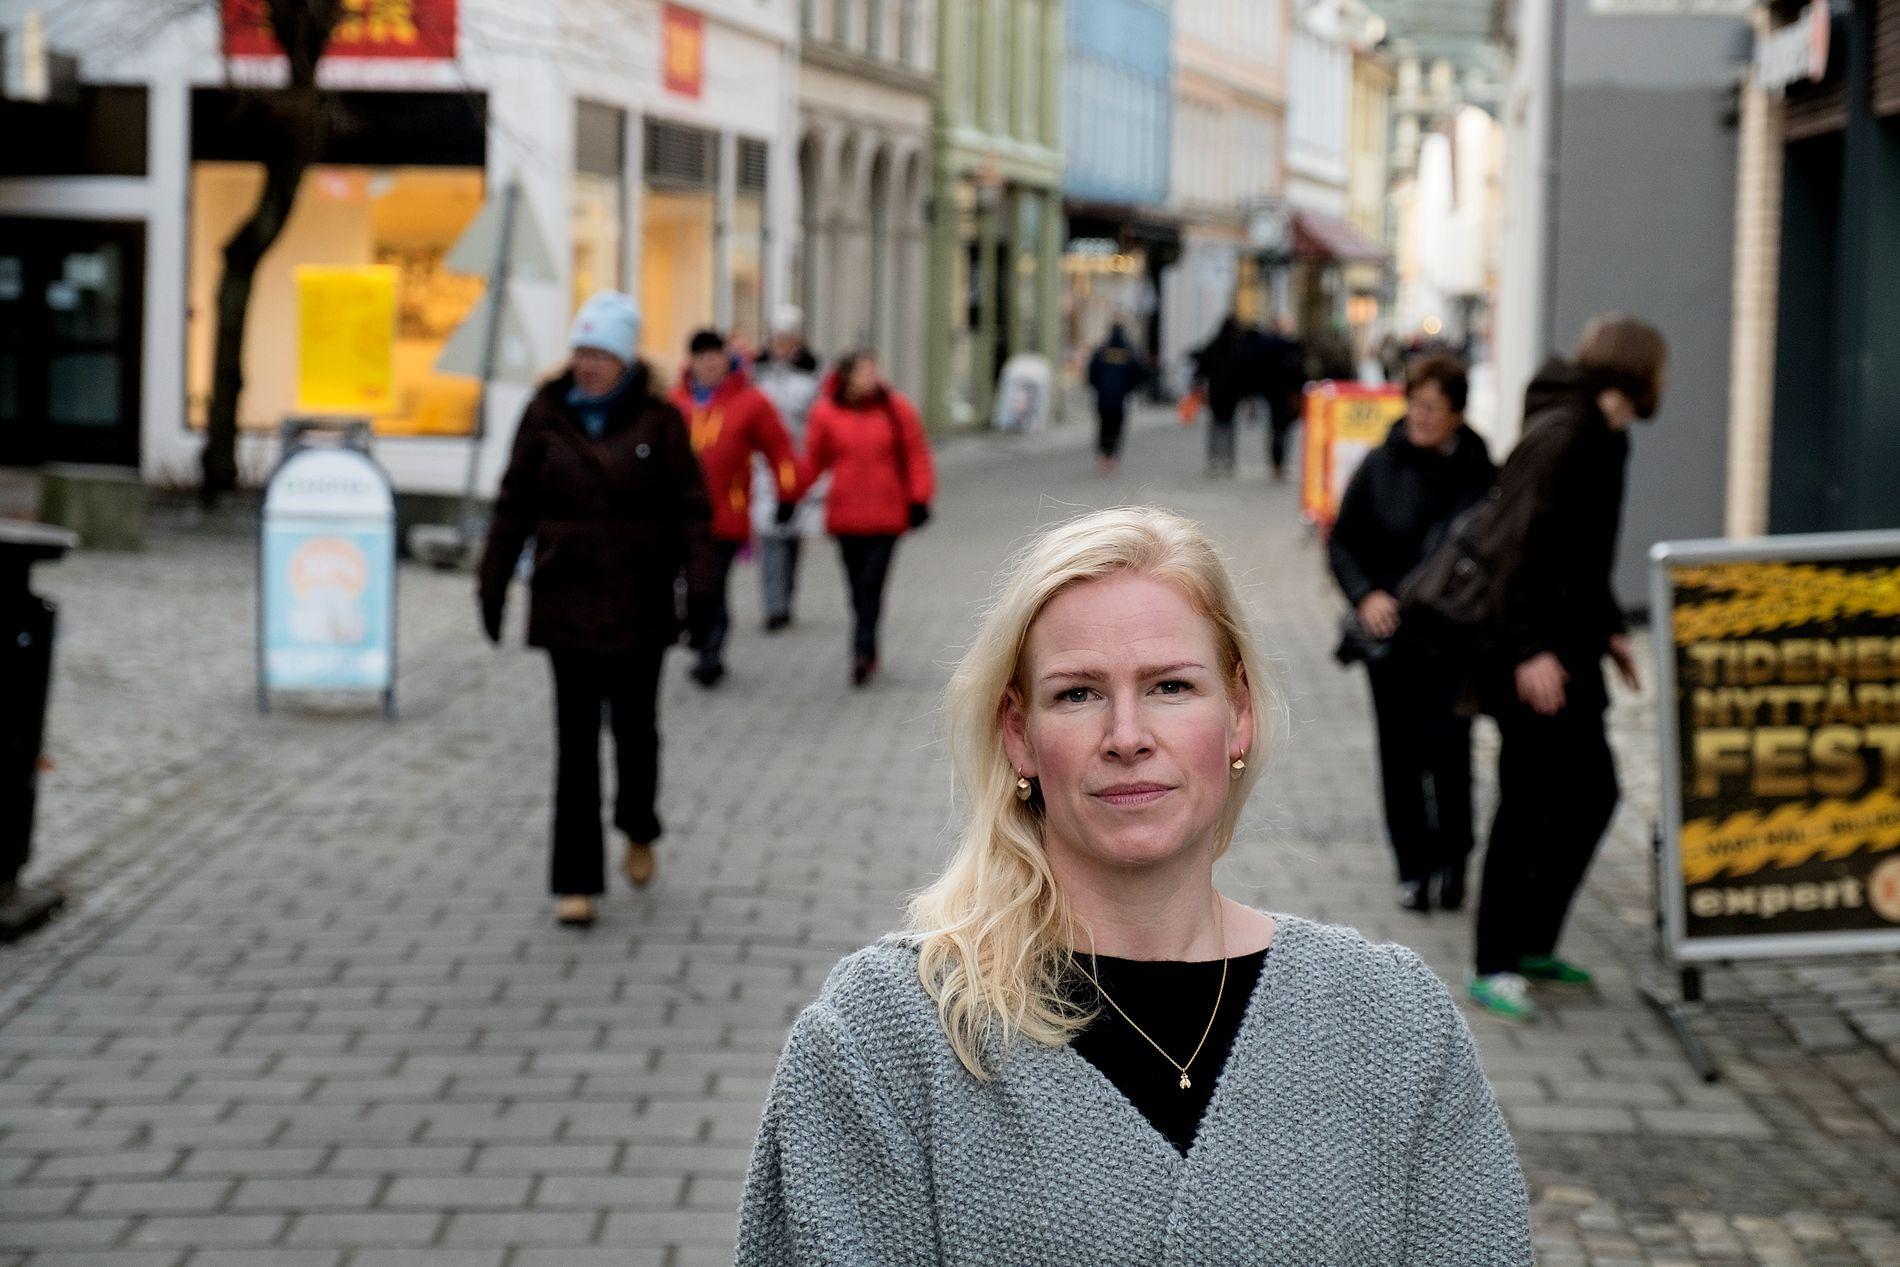 FRYKTER ØKT BILBRUK: – Økt utflytting fra Bergen vil føre til økt bilbruk til omegnskommunene, skriver Nancy Jøssang, daglig leder i Opus Bergen i dette innlegget.